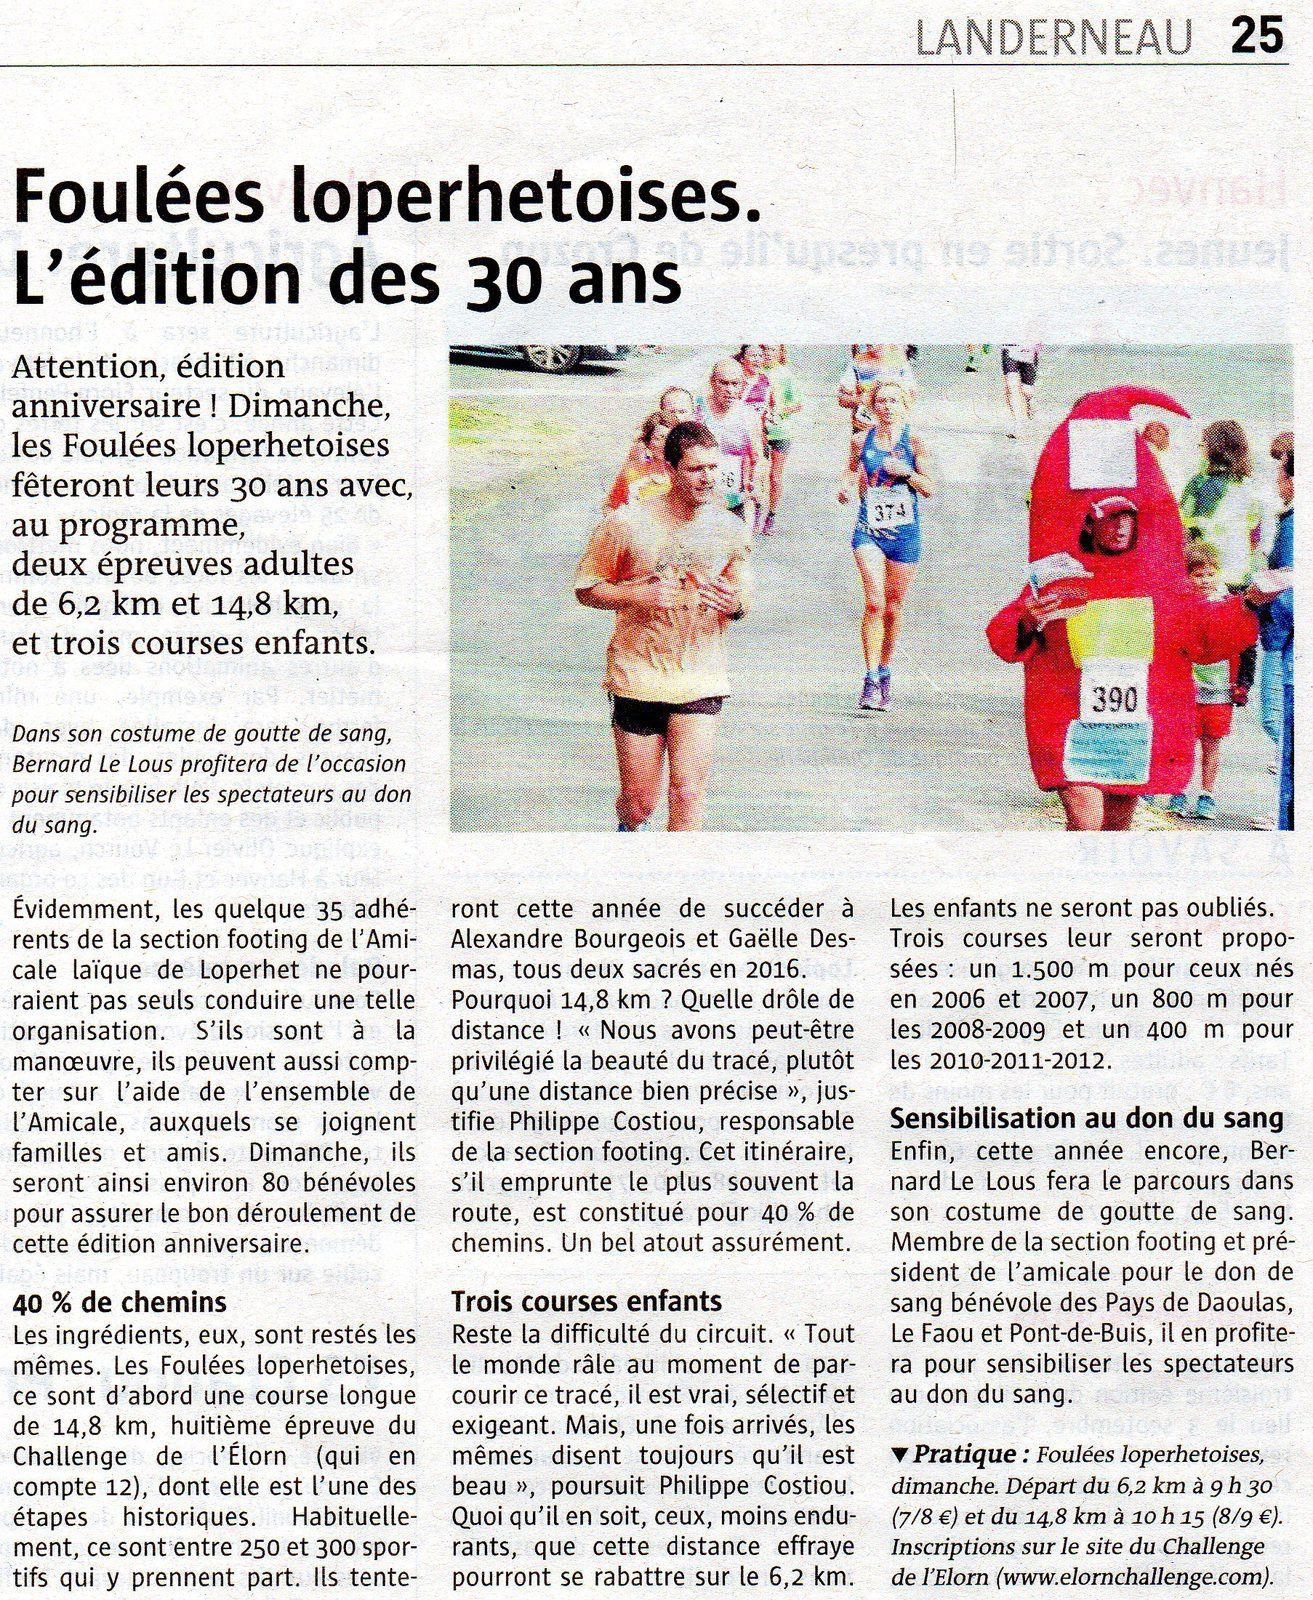 La GOUTTE DE SANG en photo dans le journal pour annoncer les FOULEES LOPERHETOISES, ce dimanche 11